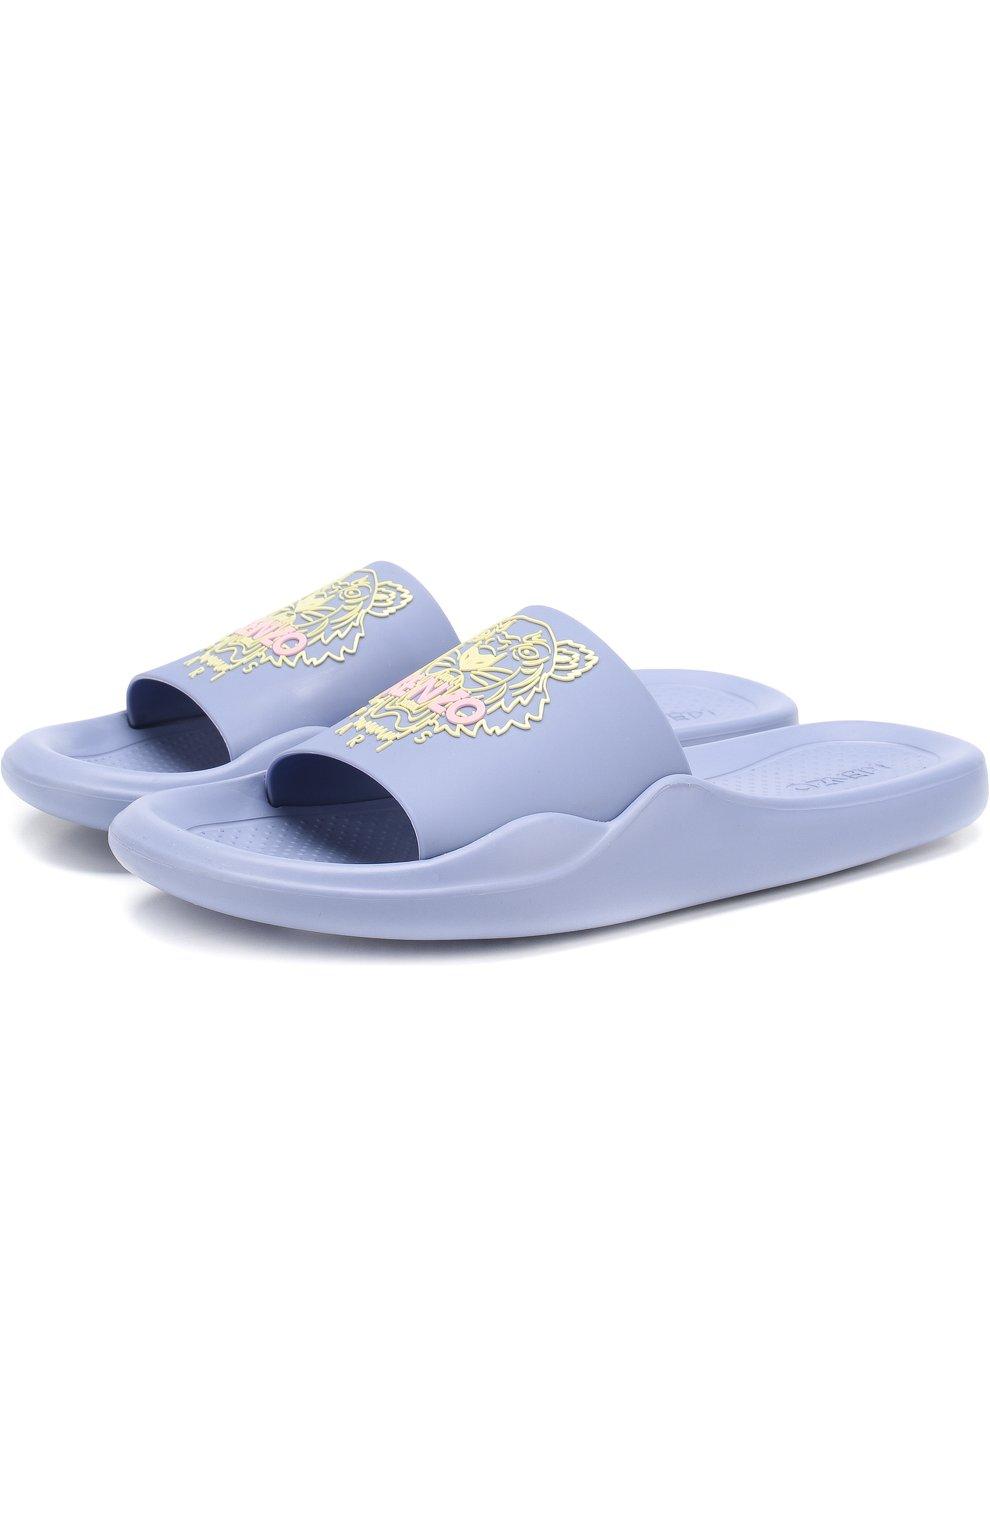 0233aacf Фиолетовые женские шлепанцы Nike купить в интернет-магазине ЦУМ - товар  распродан